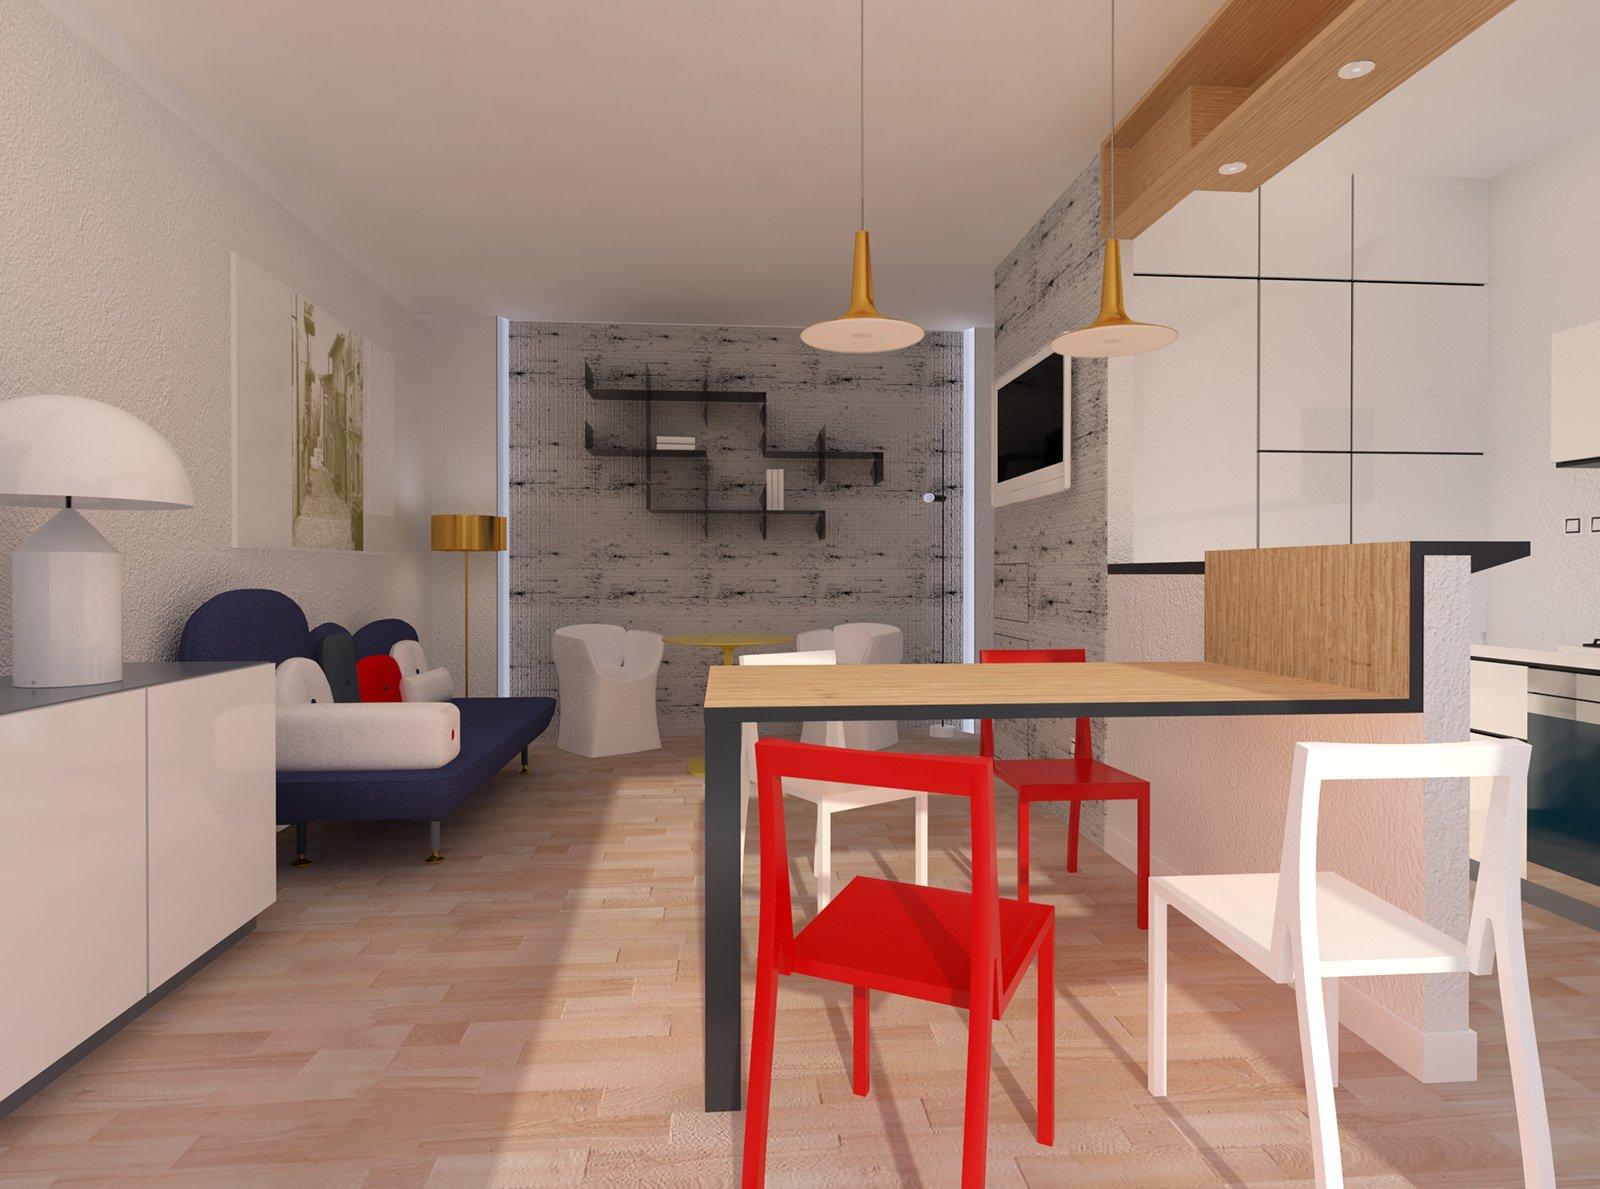 Arredare il soggiorno zona pranzo con cucina a vista - Divisorio cucina soggiorno ...